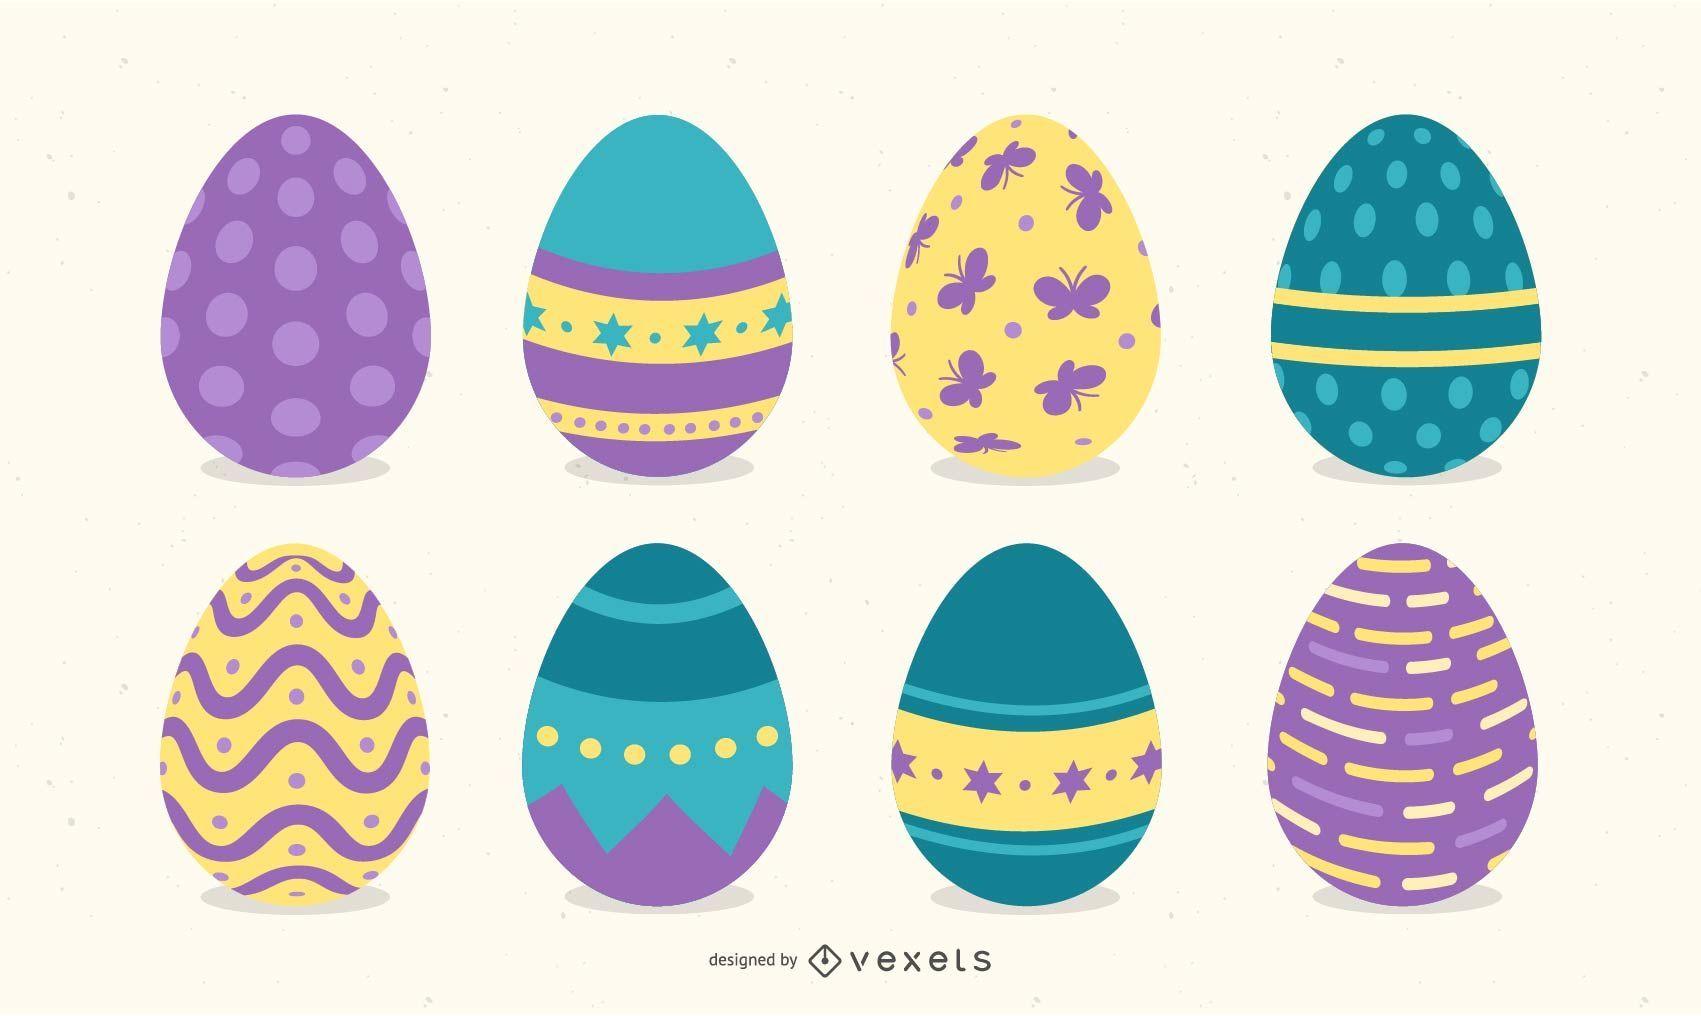 Pastel Easter Egg Illustration Set